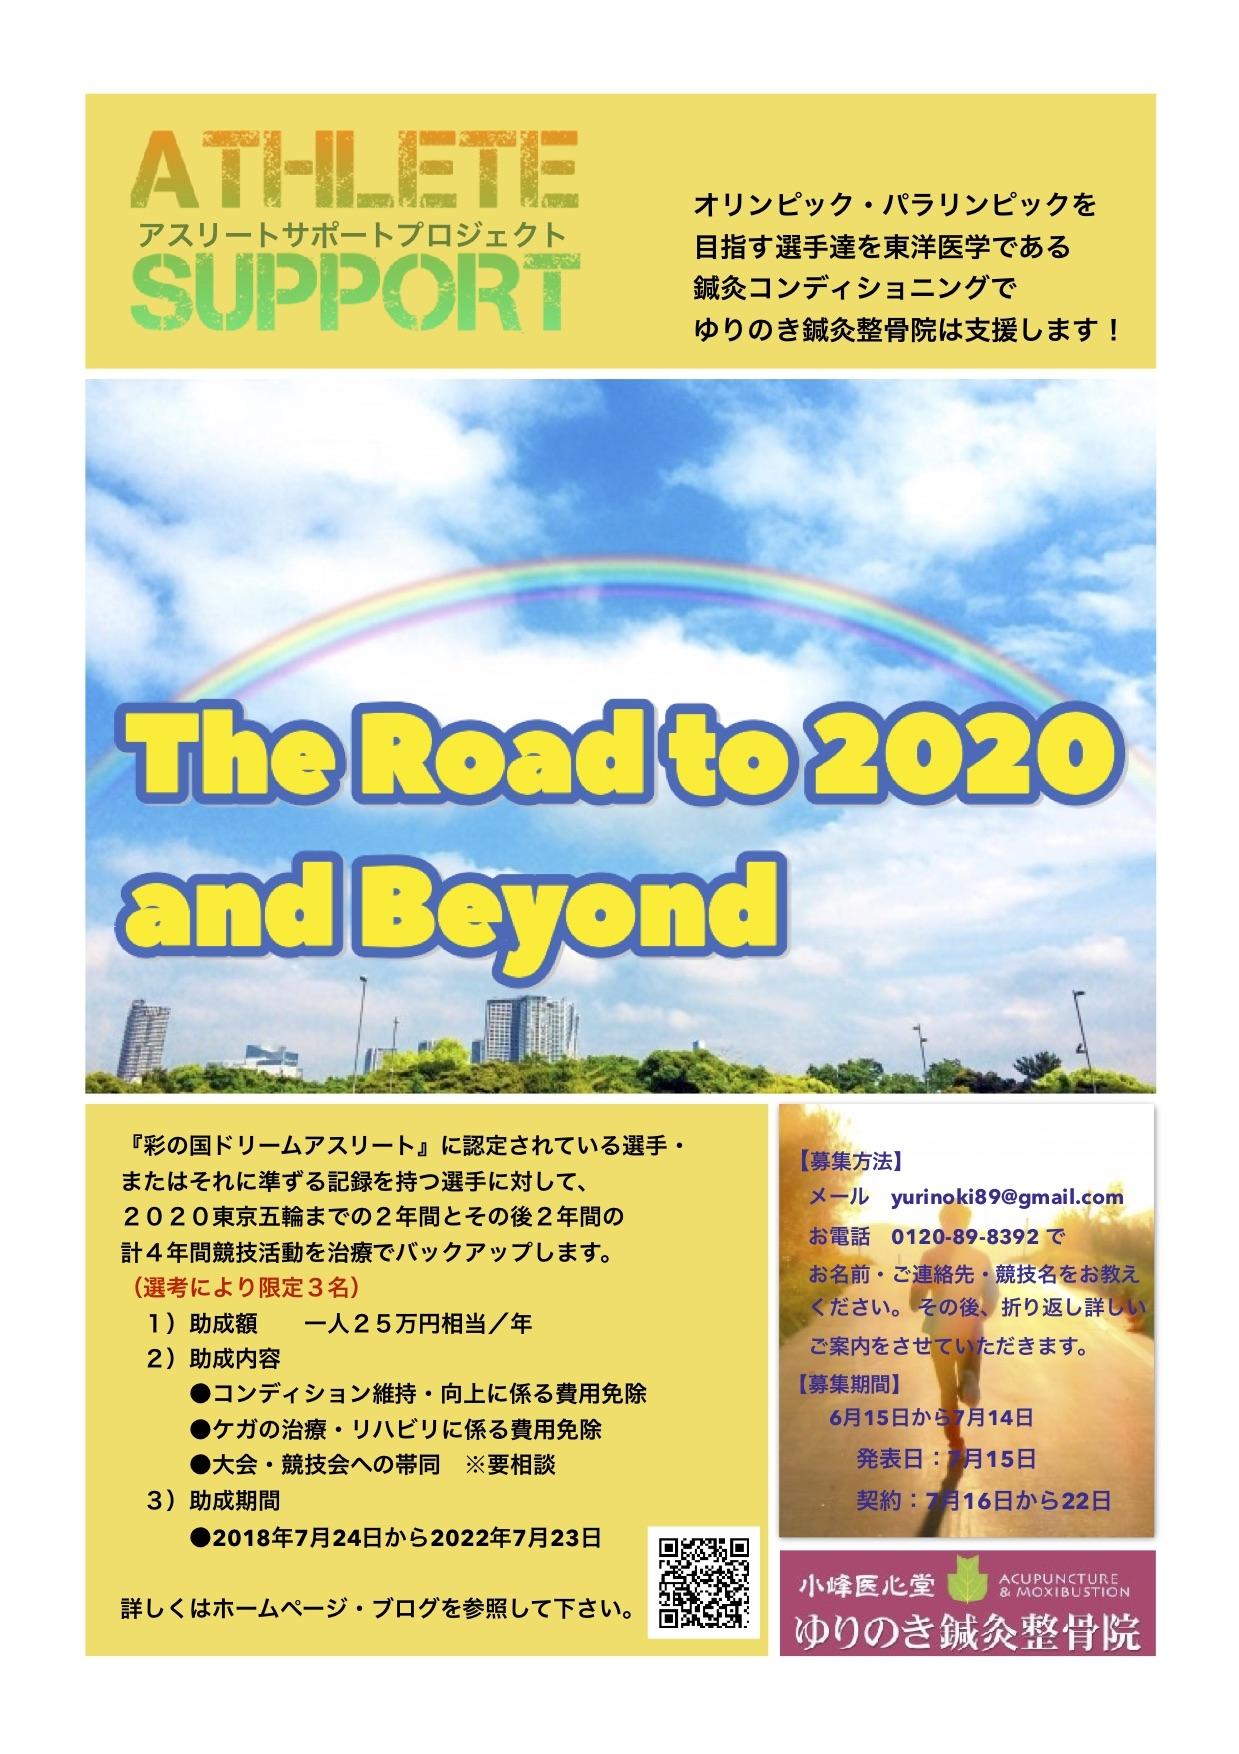 アスリートサポート、埼玉県、春日部市、オリンピック、パラリンピック、鍼灸、コンディショニング、